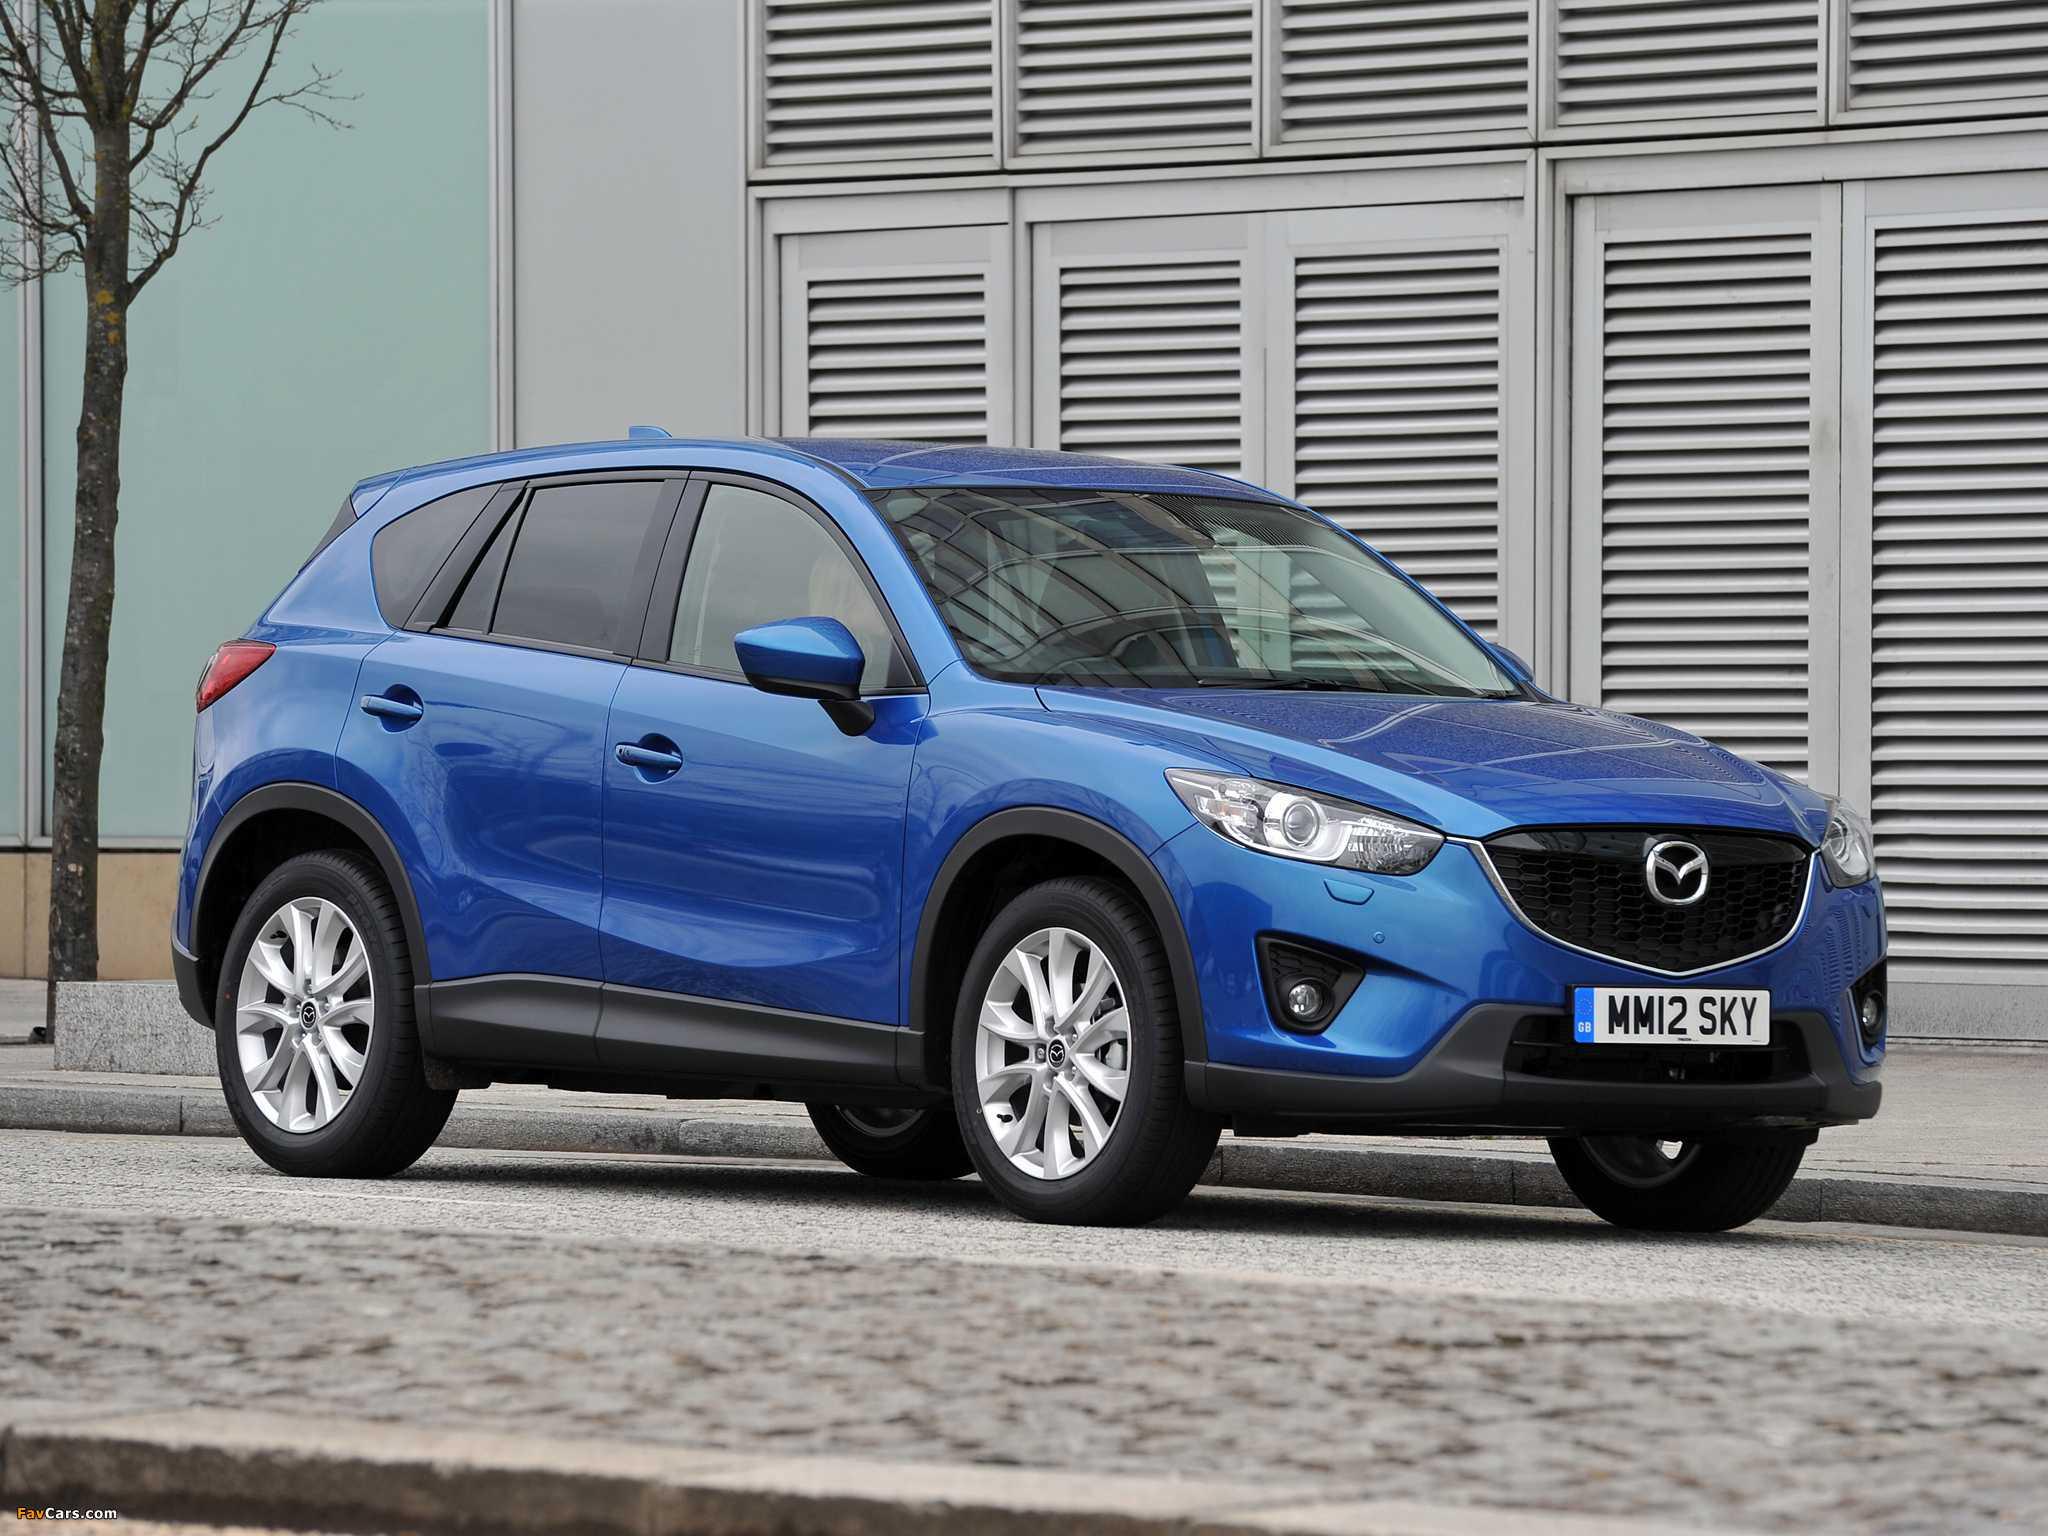 Руководство Mazda CX-5 поможет вам быстрее ознакомиться с автомобилем Mazda CX-5 и принять правильное решение о его покупкеВ данном руководстве вы найдете полезную информацию по